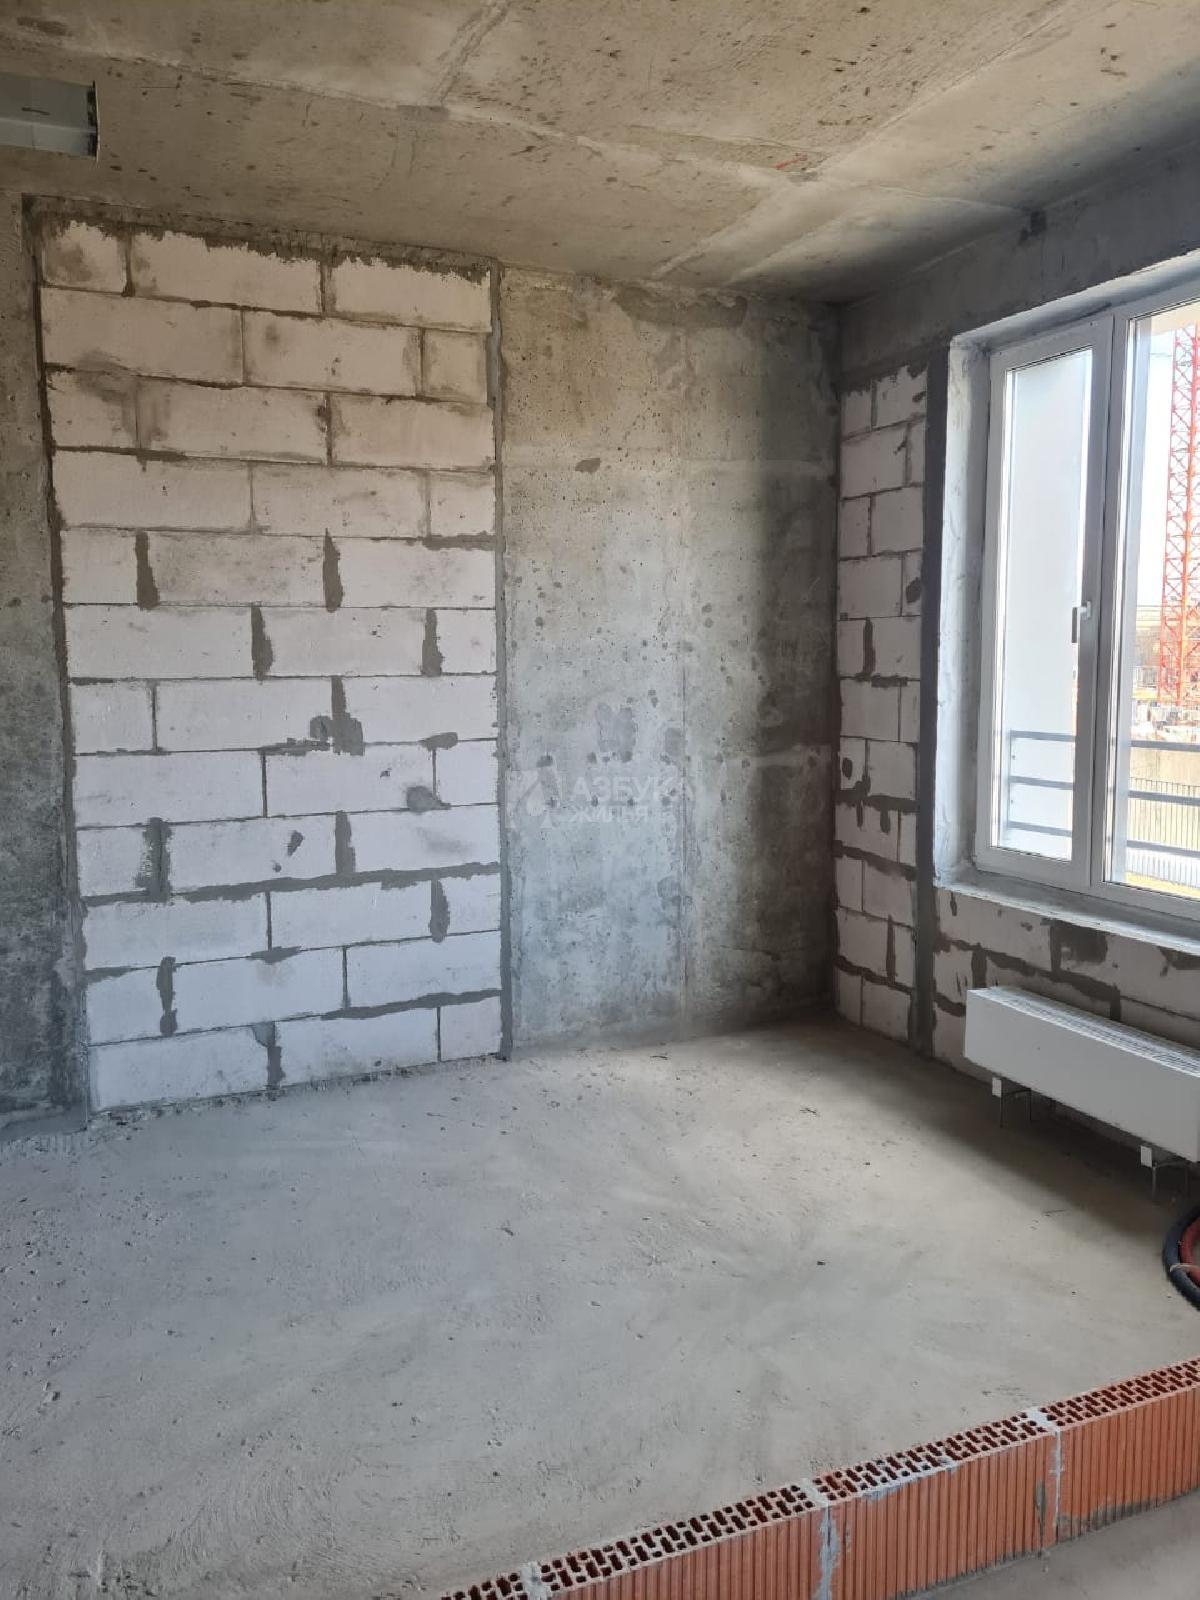 Фото №5 - 1-комнатная квартира, Москва, Силикатный 3-й проезд 4 корпус 1, метро Шелепиха